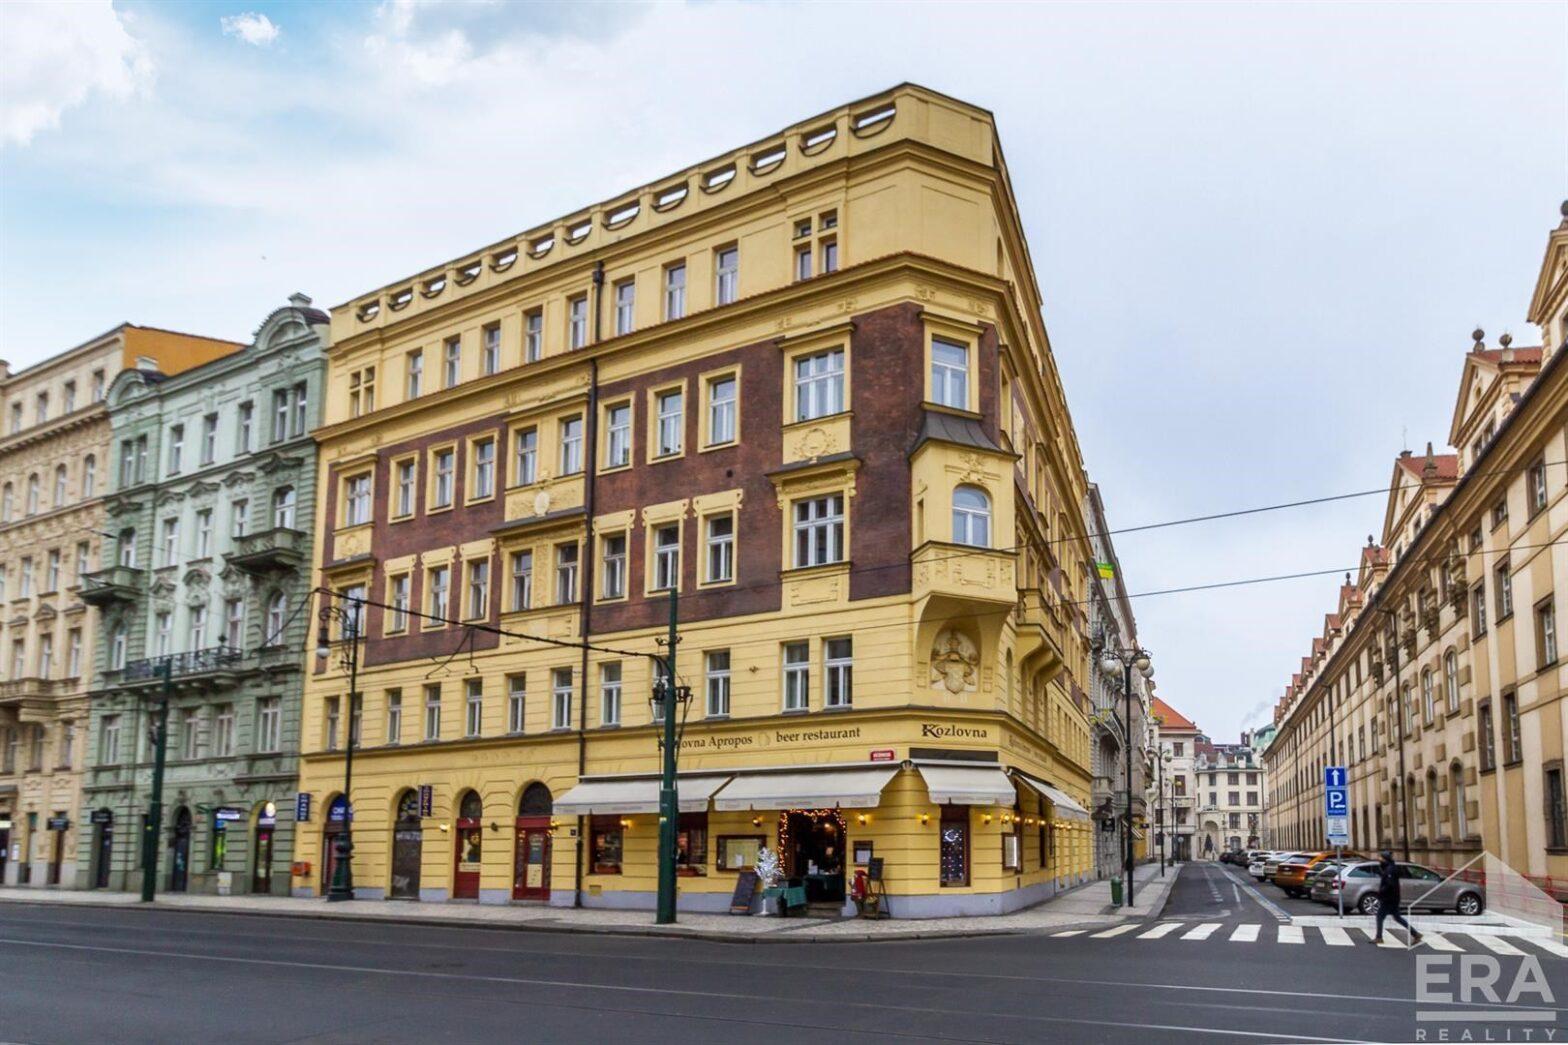 Pronájem kancelářských prostor 143m2 v Praze Platnéřské ulici